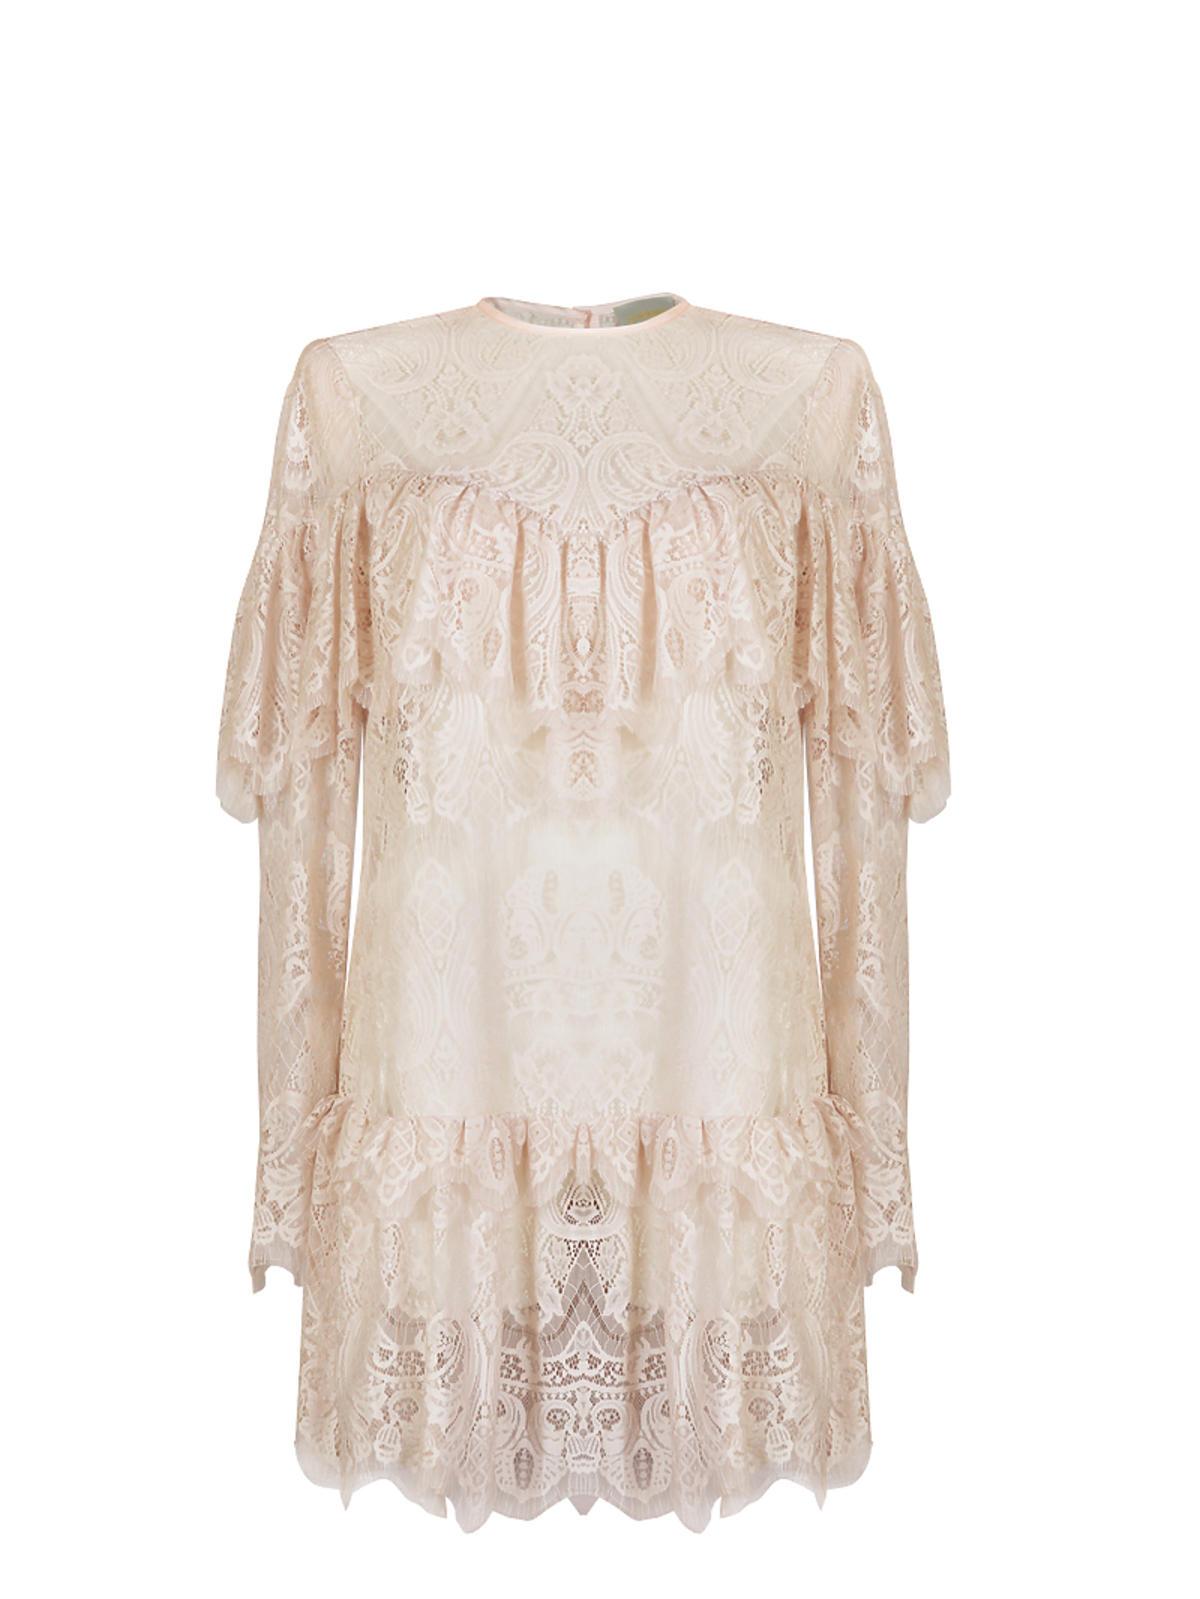 Koronkowa sukienka z falbankami, Zquad, 530,00 zł